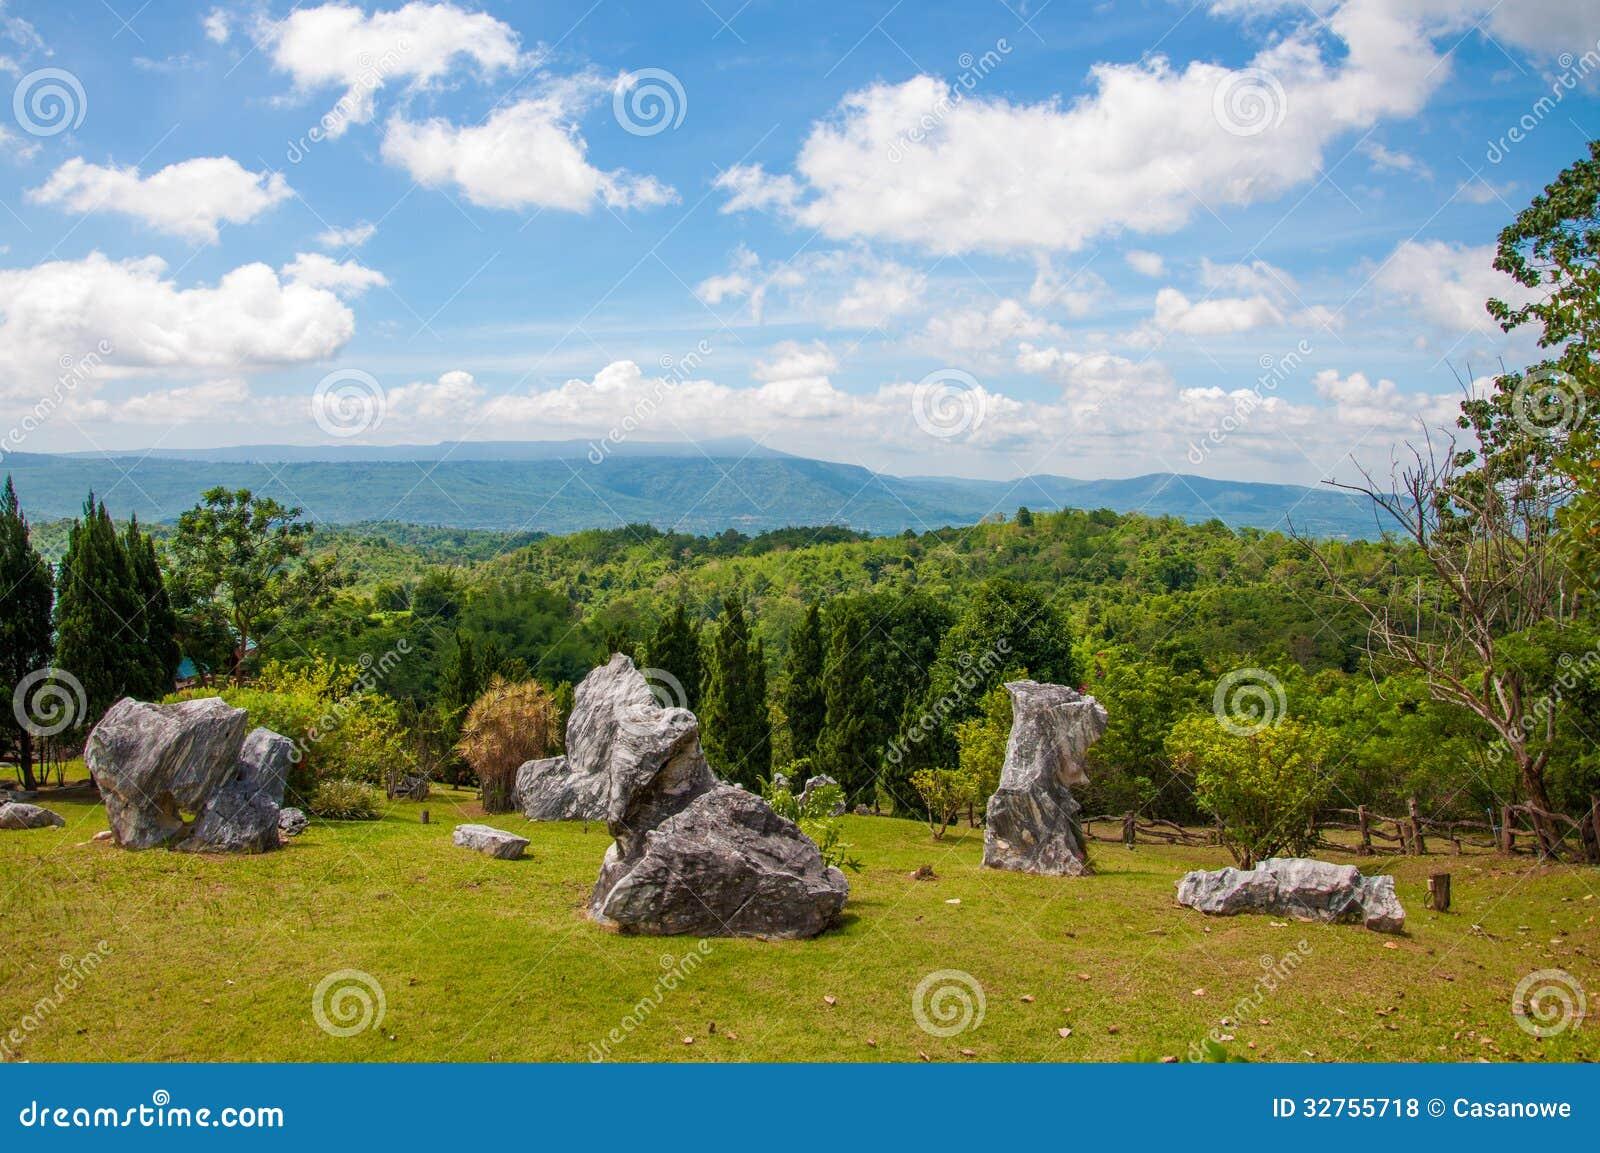 pedras grandes jardim : pedras grandes jardim:Bonito De Pedra Grande No Jardim Fotos de Stock Royalty Free – Imagem